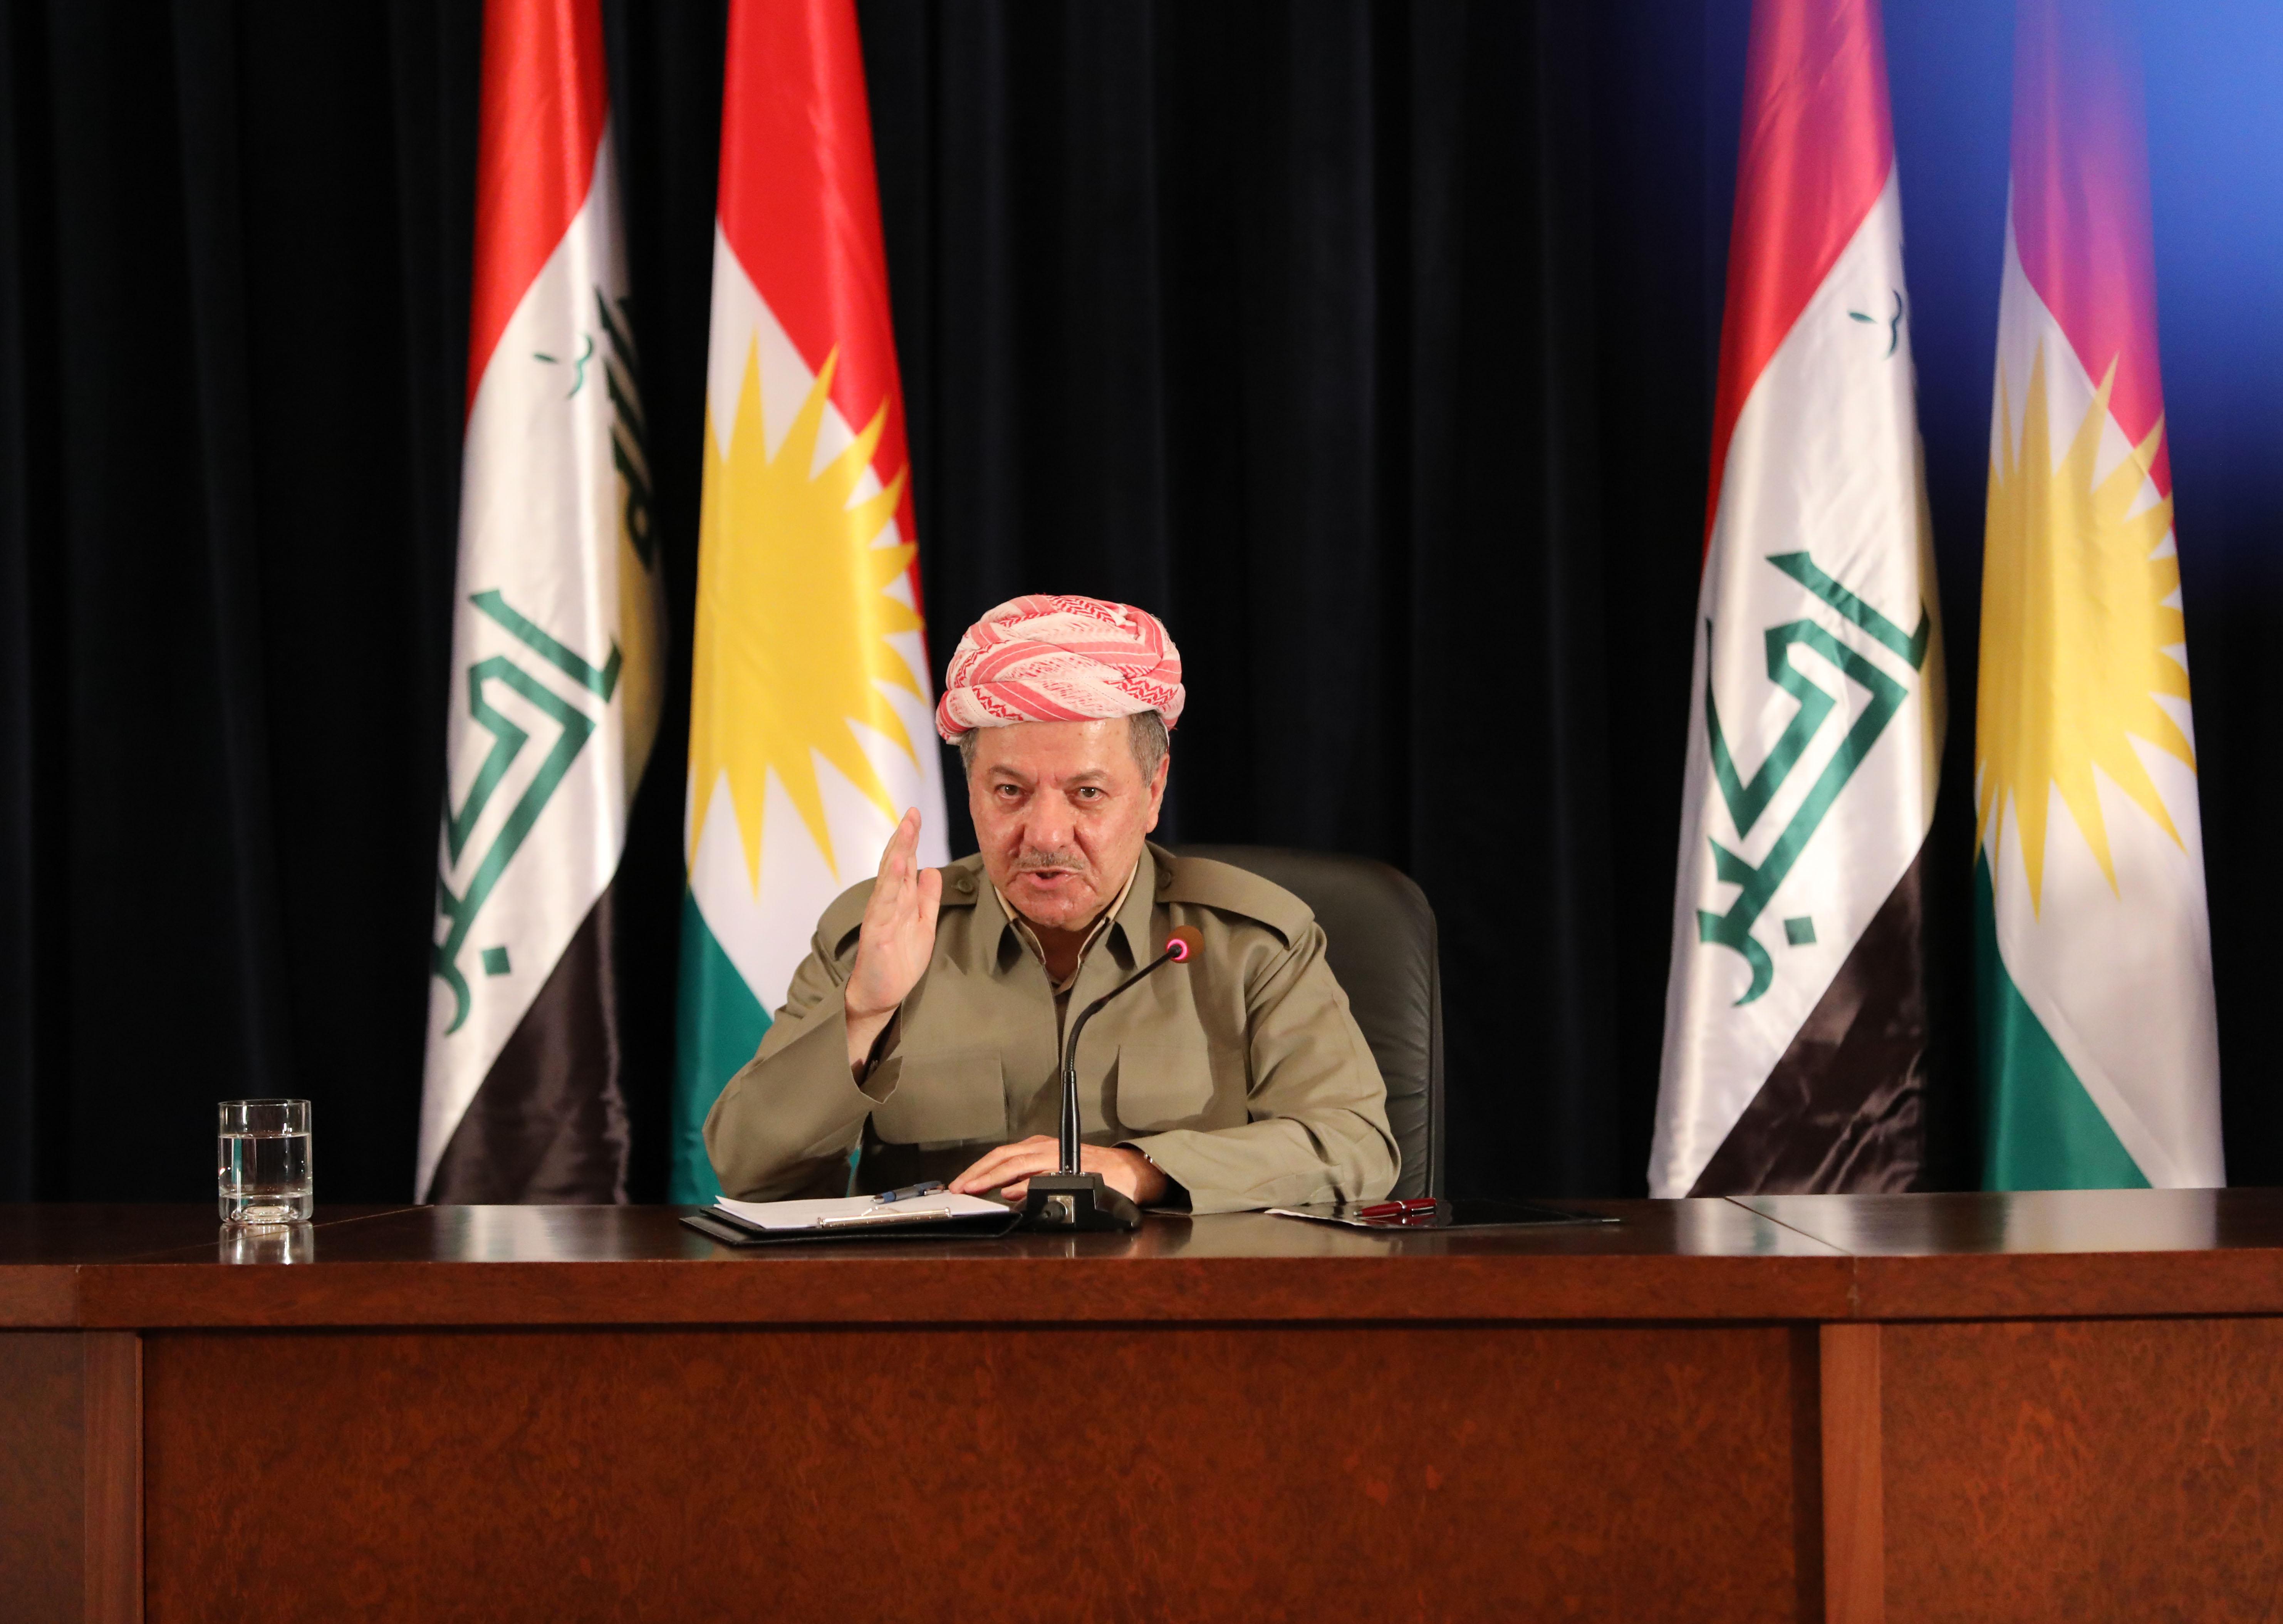 9月24日,在伊拉克埃尔比勒,伊拉克库尔德自治区(库区)主席马苏德·巴尔扎尼出席记者会。(新华社发 哈利勒·达伍德摄)